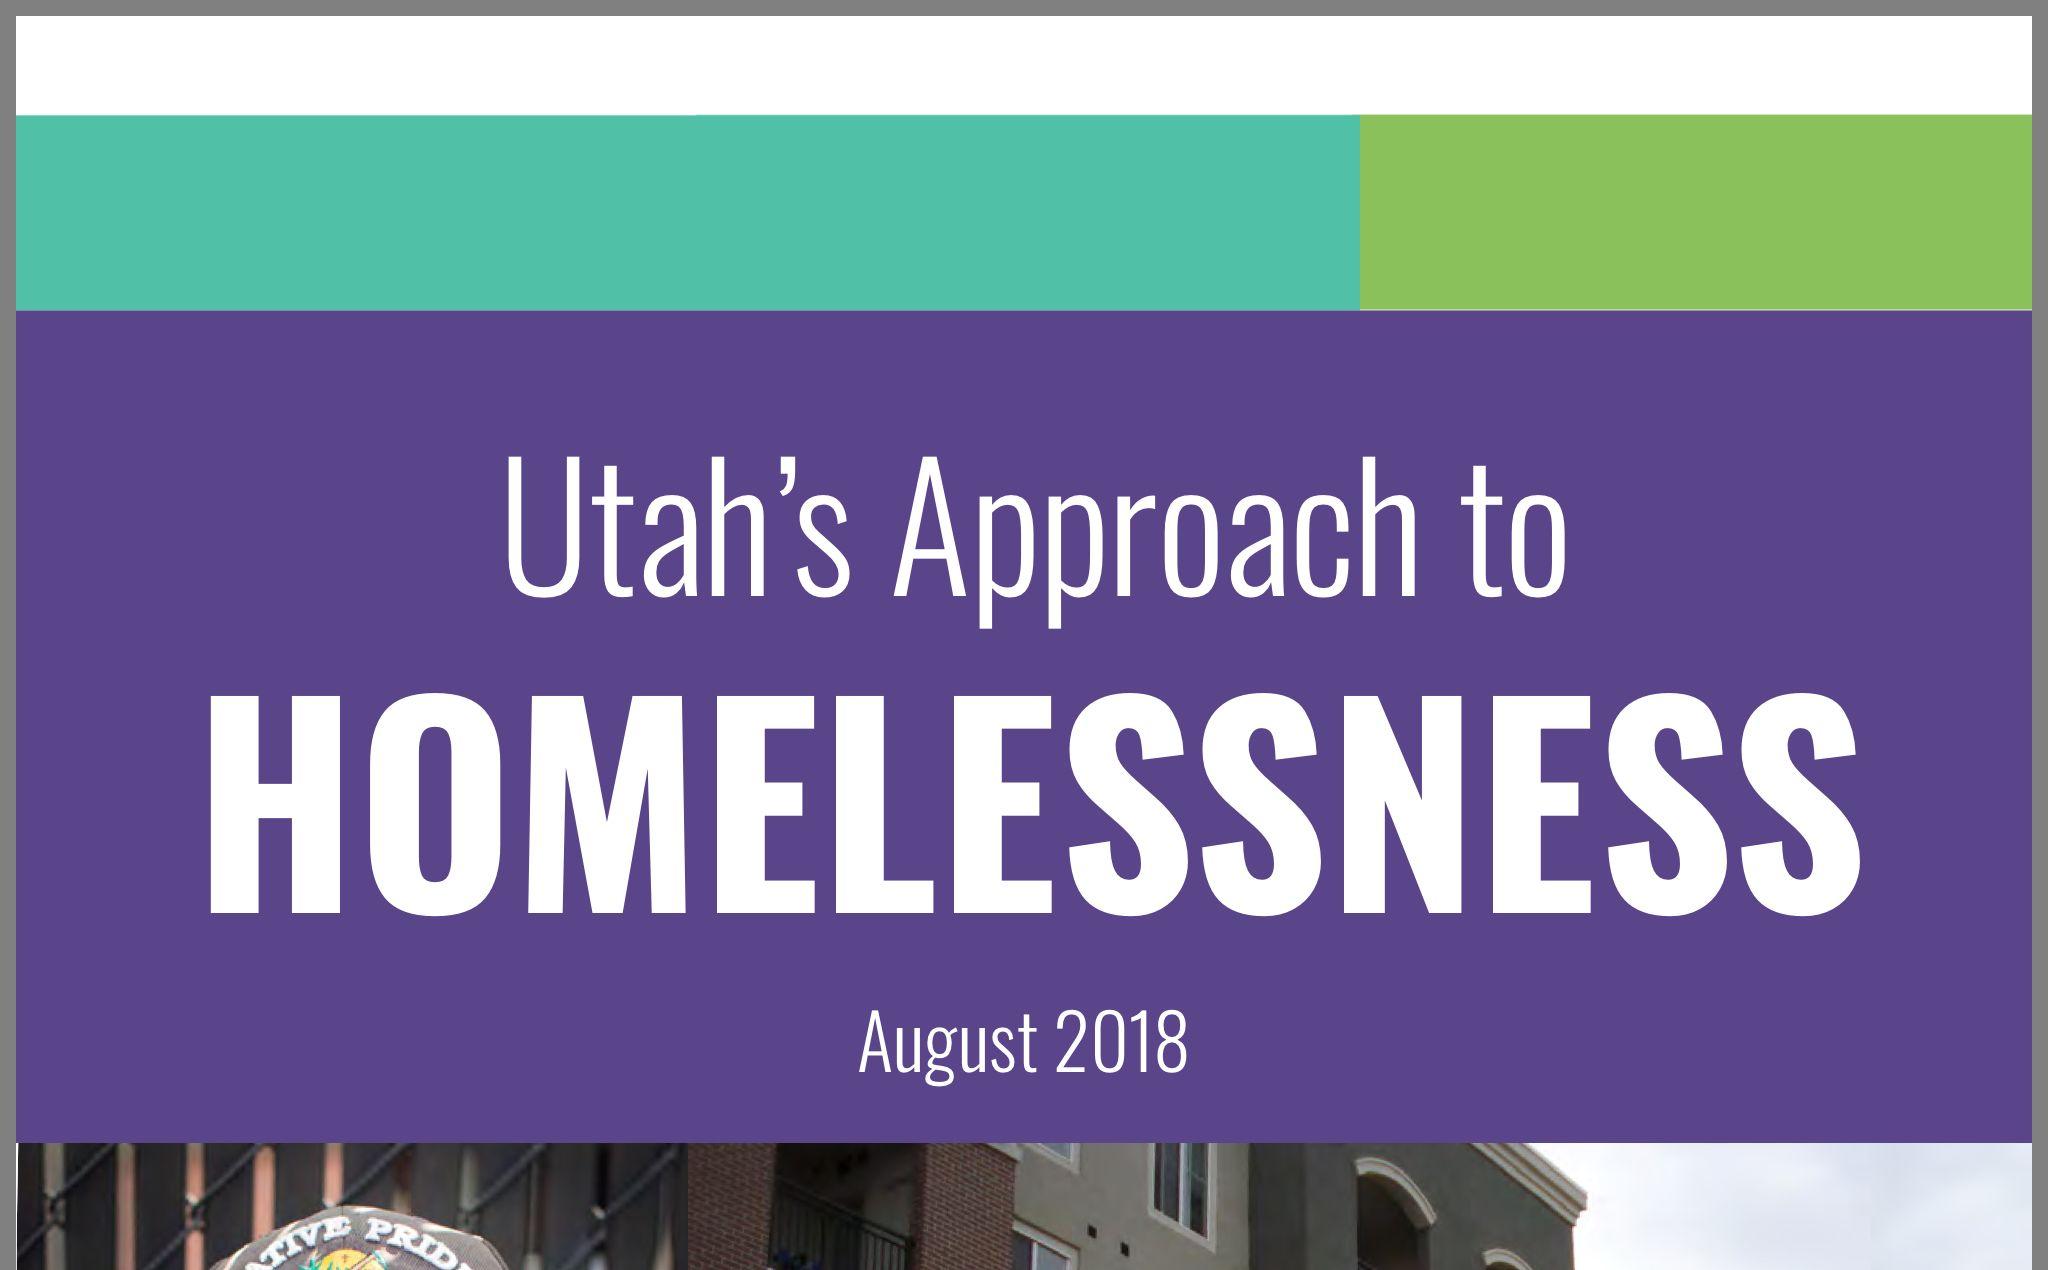 Circa 2018 Using Housing First Approach Approach Homeless Utah